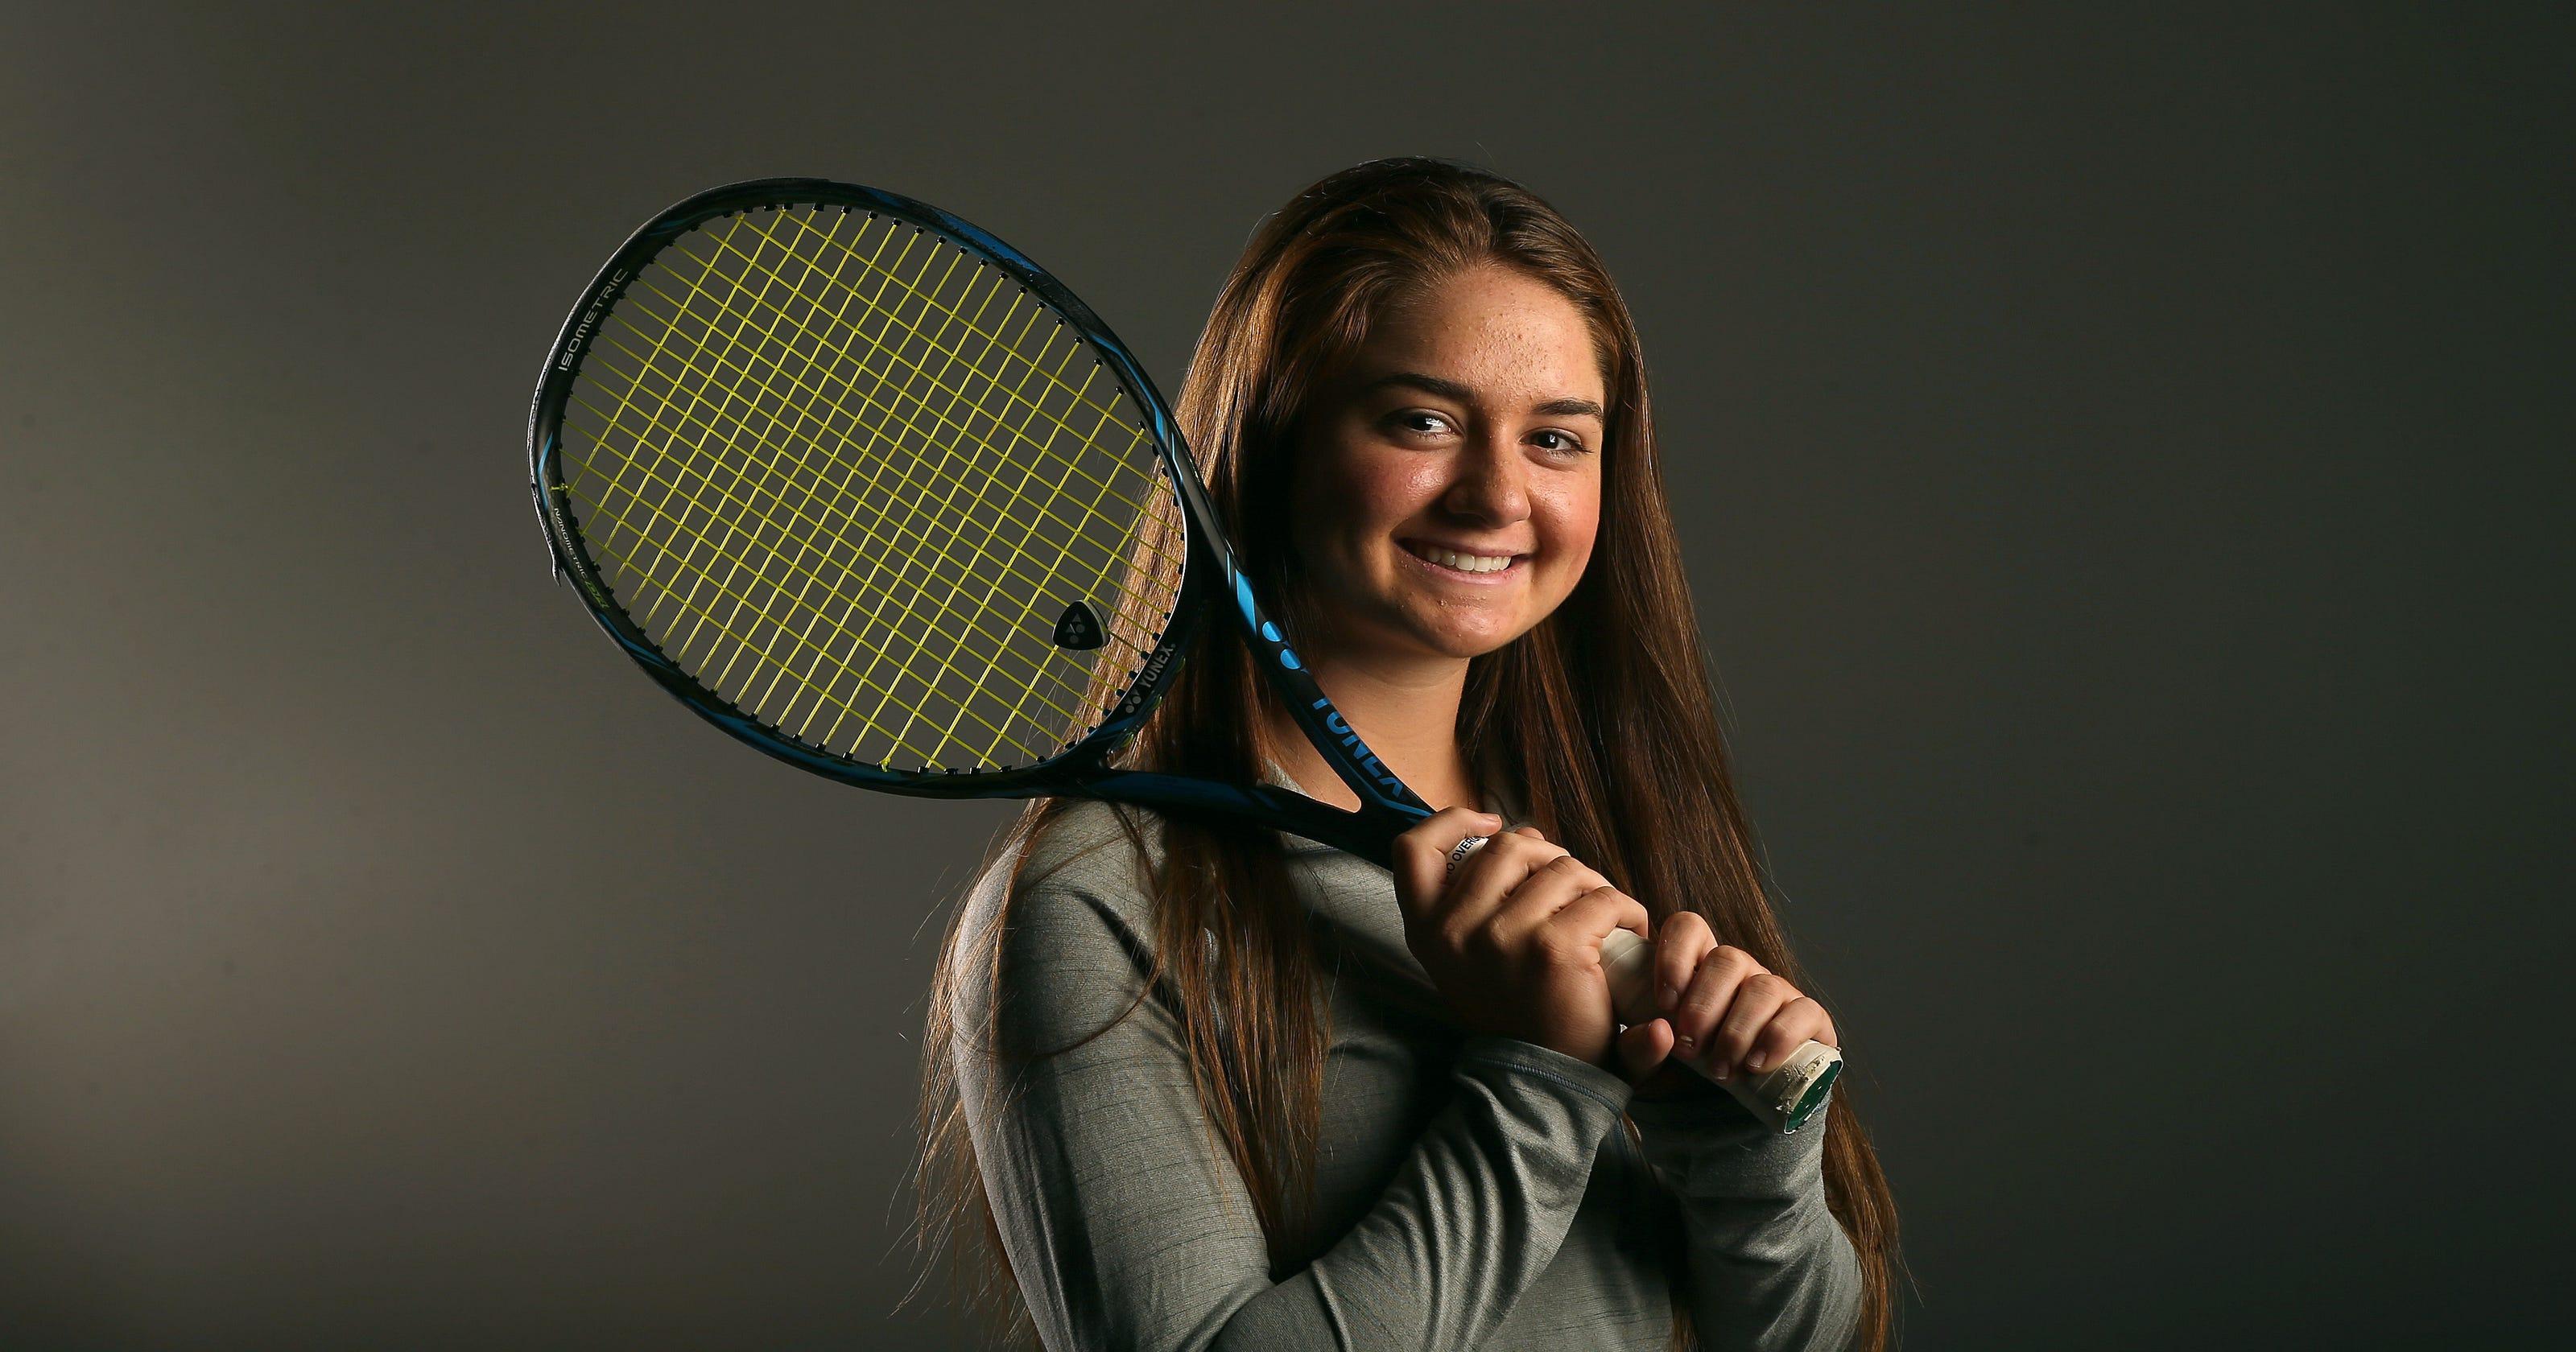 crazy-girl-tennis